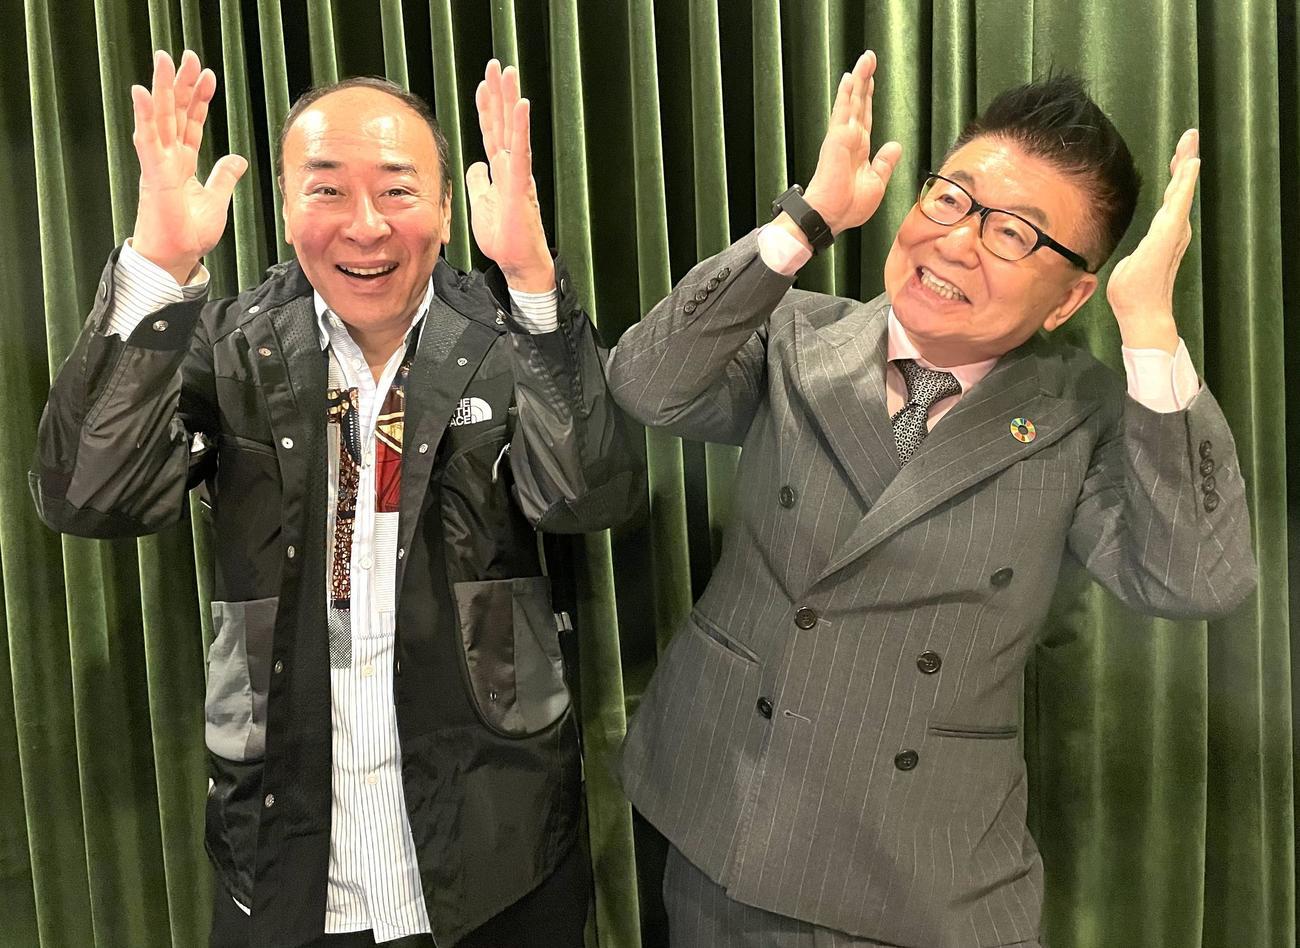 モト冬樹が生島企画室と業務提携 来月70歳古希、活躍の場広げる